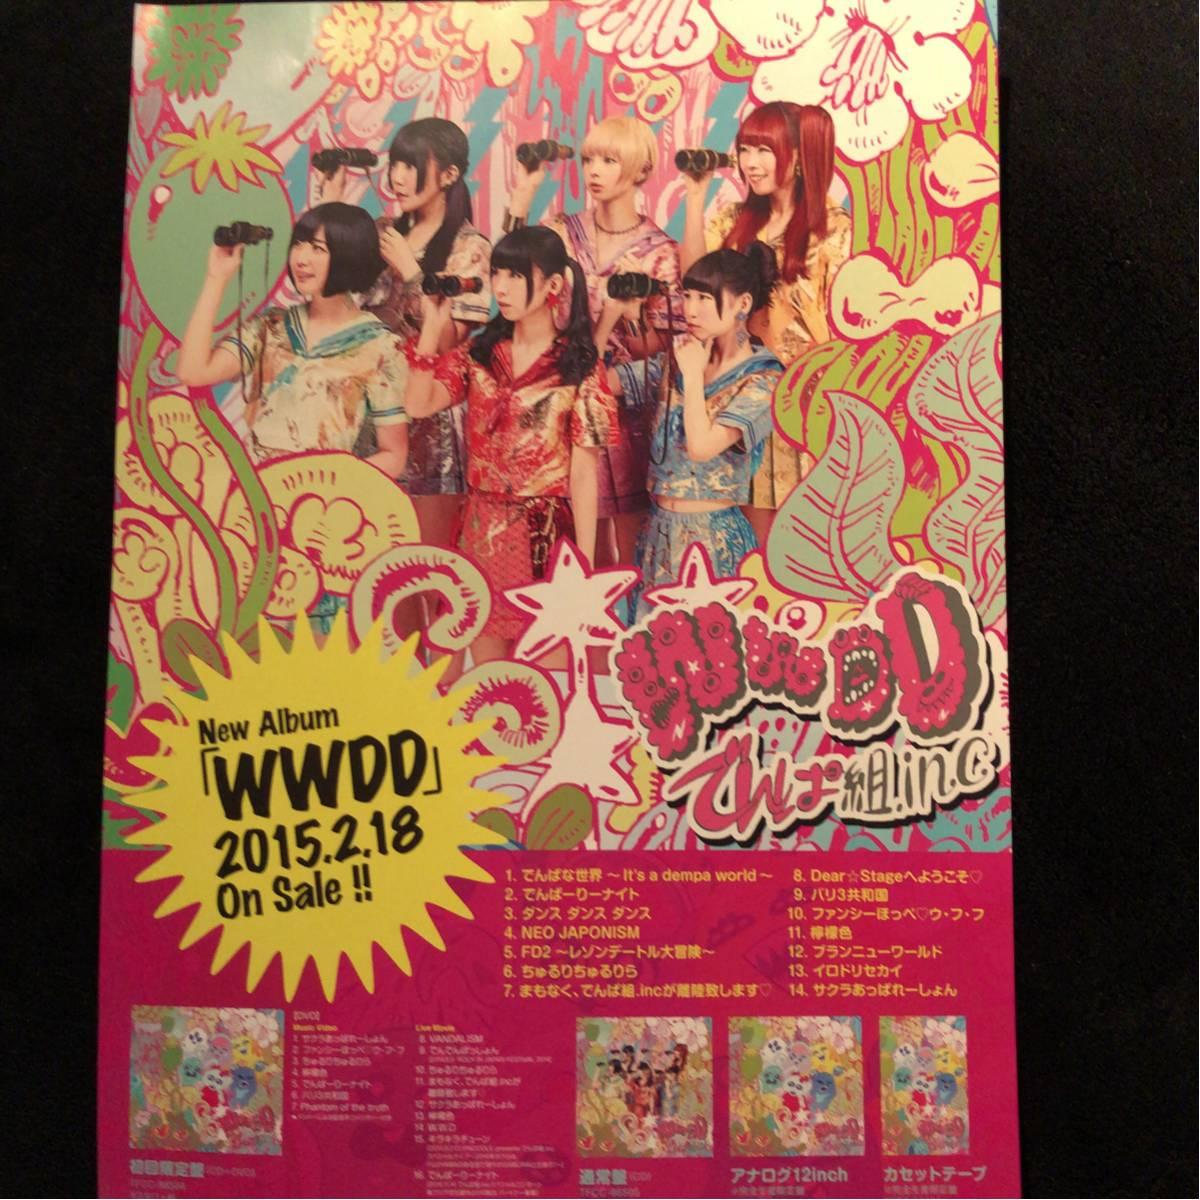 CDチラシ★でんぱ組.inc / 「WWDD」